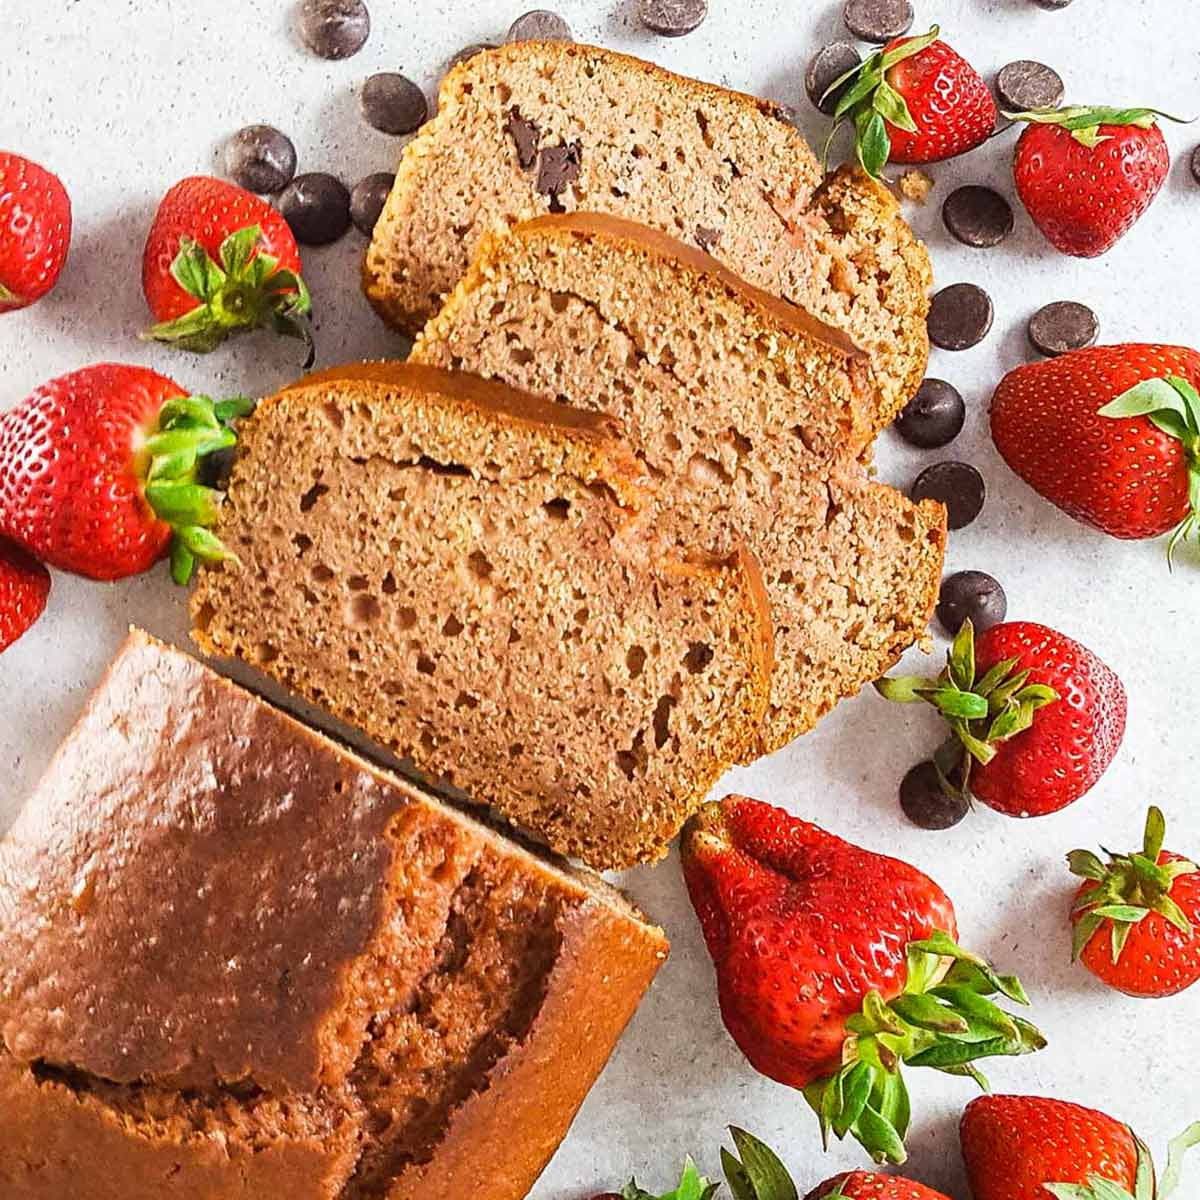 strawberry recipes - bread